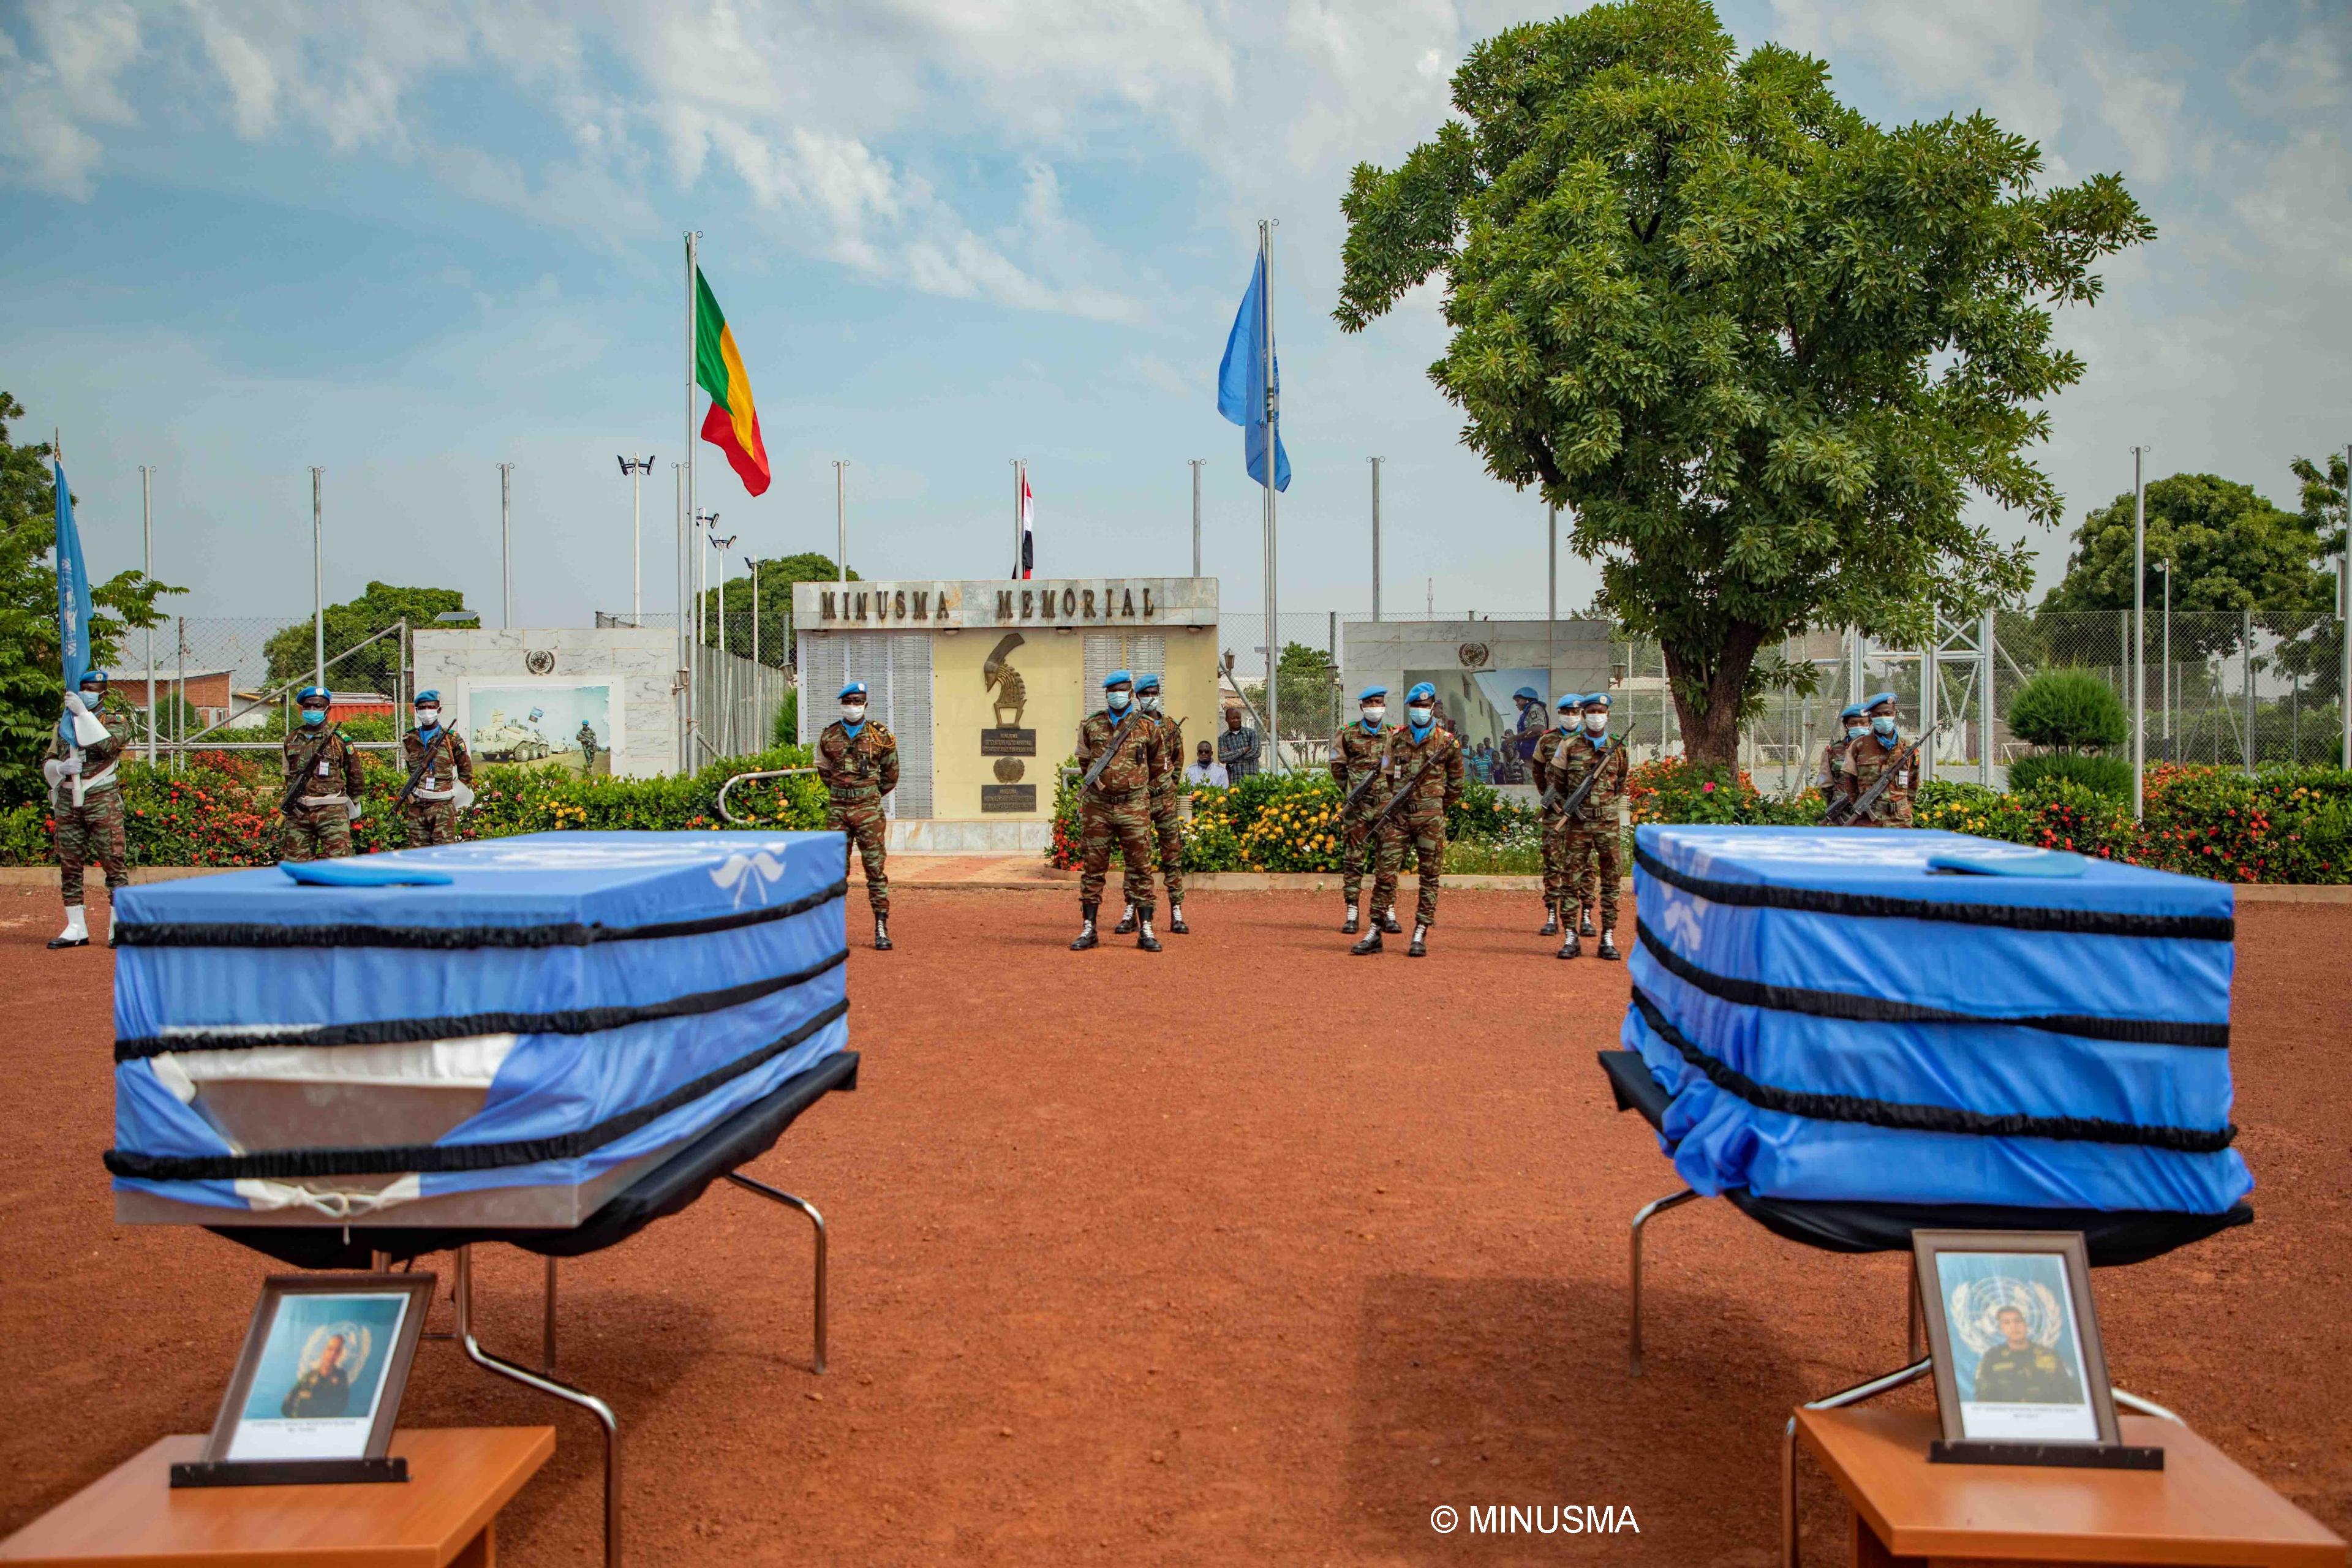 تكريم ذكرى اثنين من حفظة السلام المصريين اللذين قدما التضحية الكبرى تحت علم الأمم المتحدة لدعم السلام والاستقرار في مالي